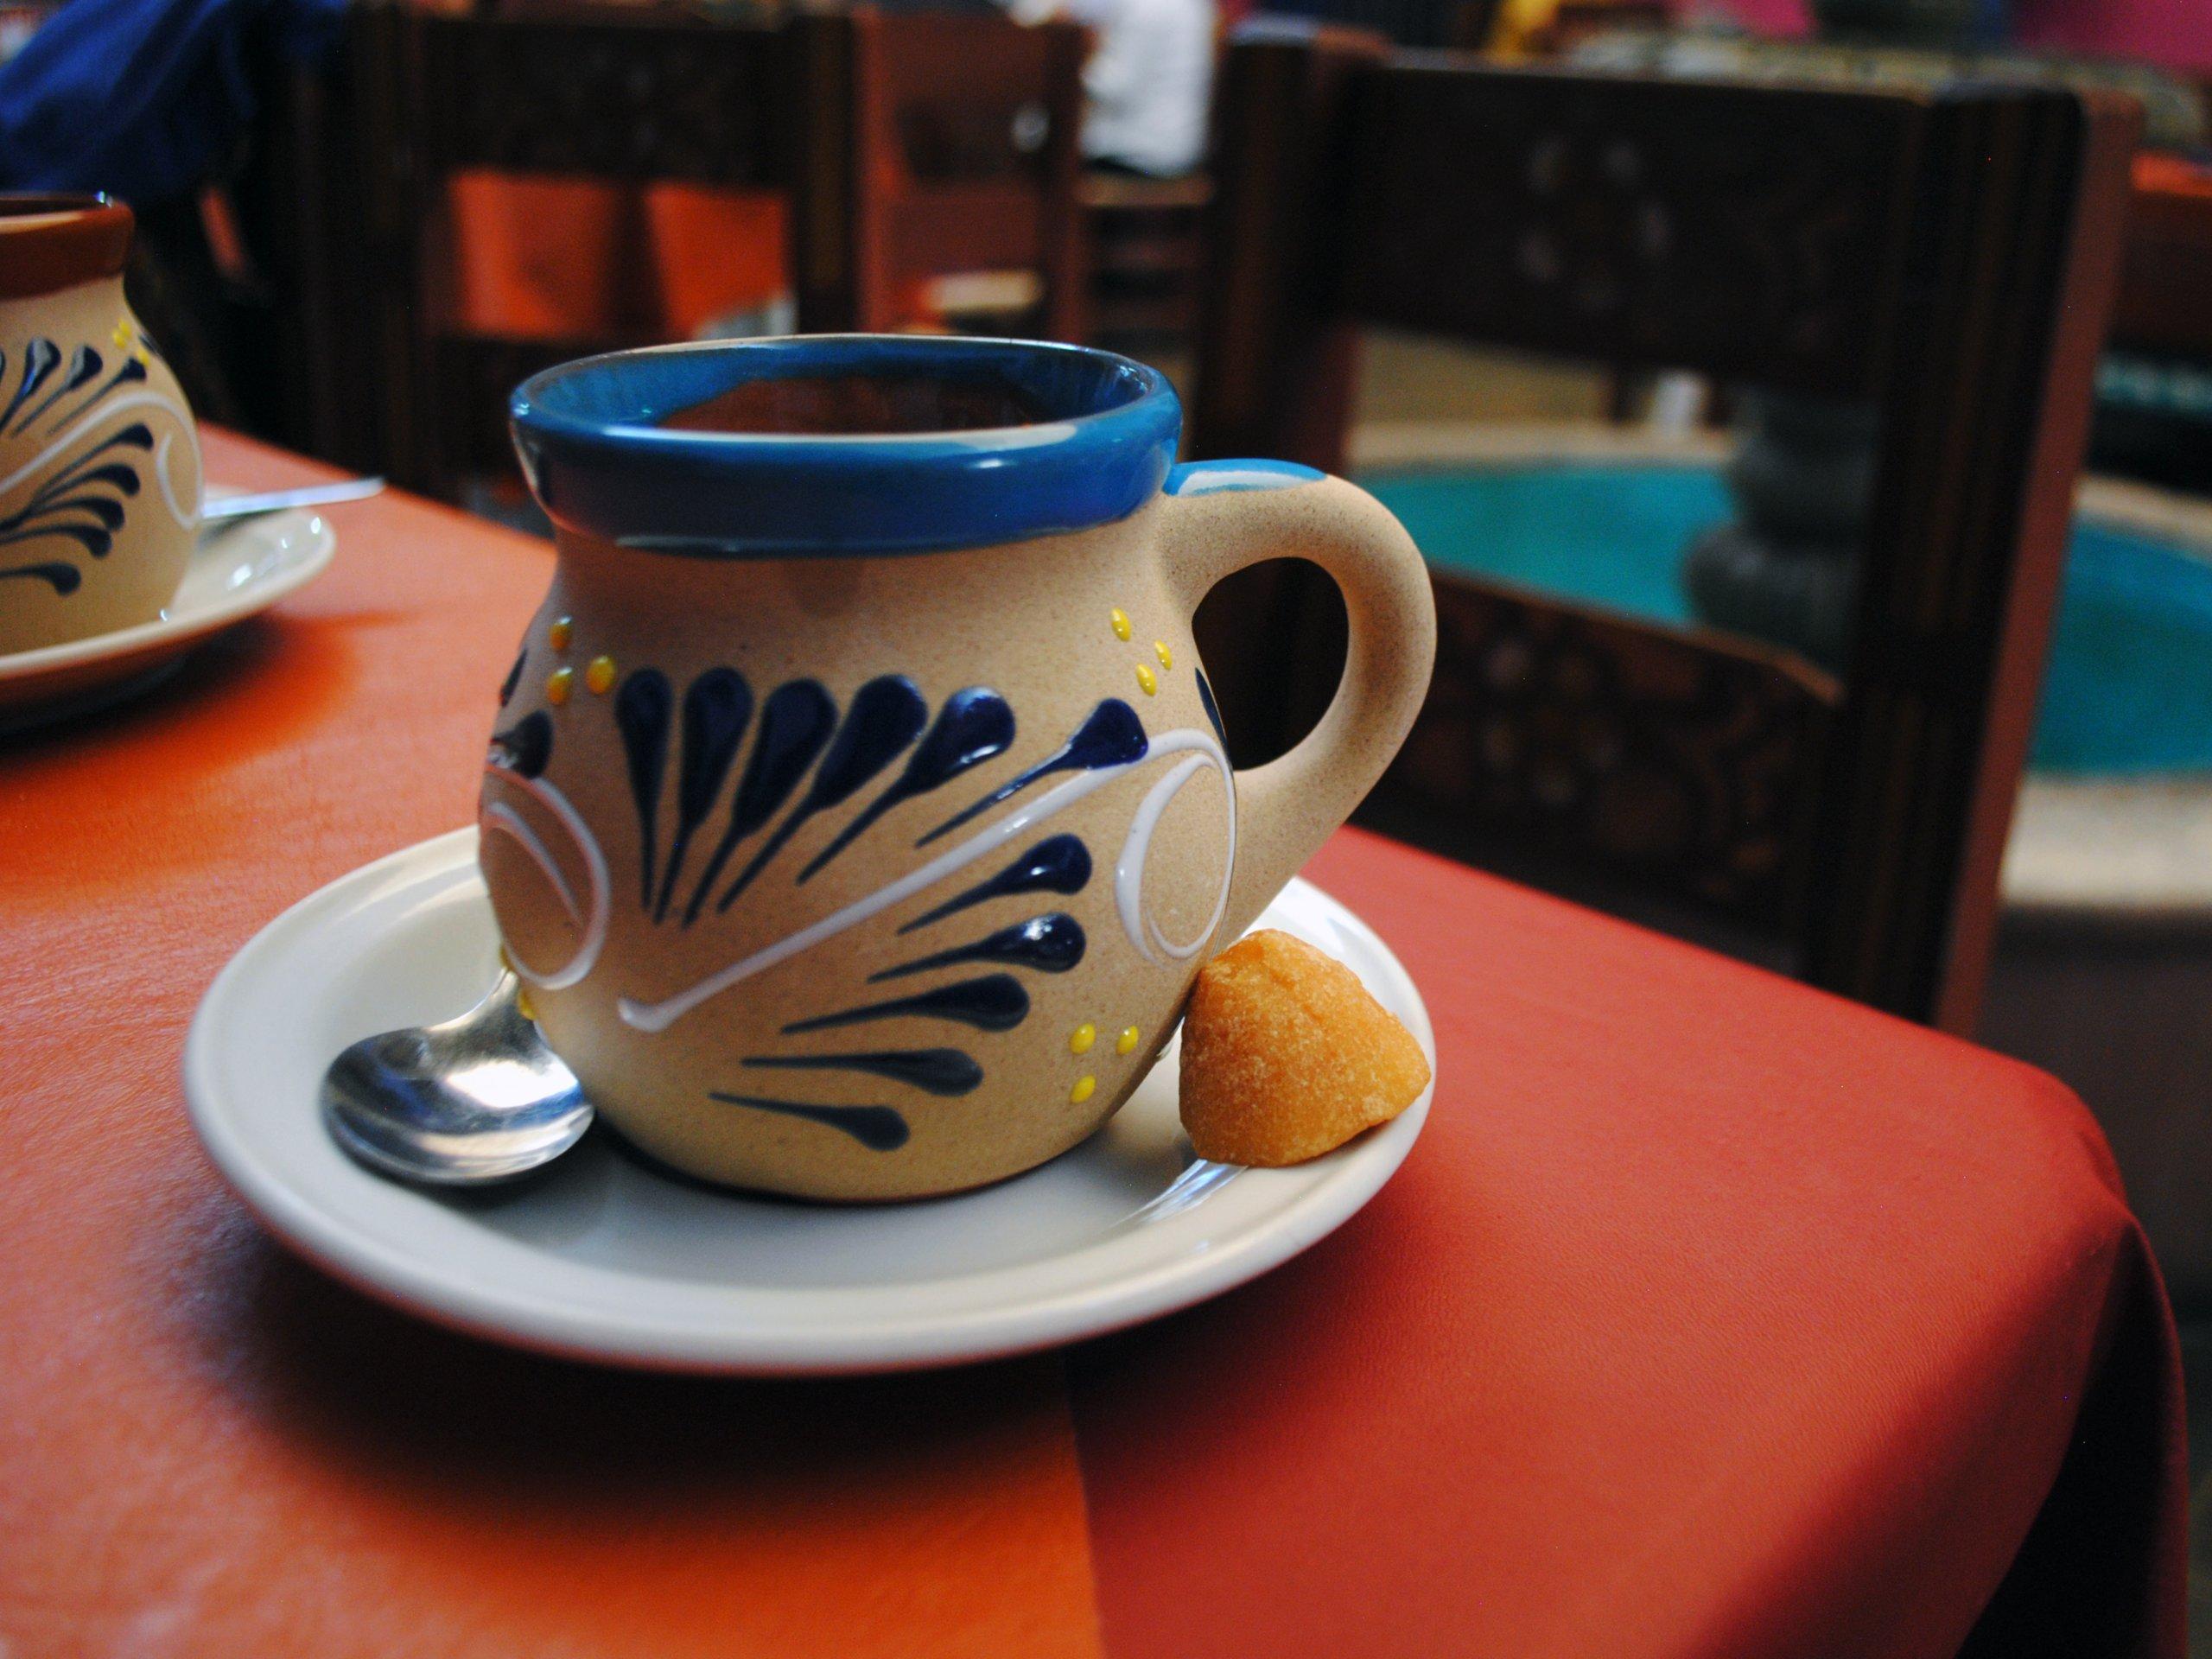 Xem cách uống cà phê khắp thế giới mới thấy Việt Nam giản dị đến mức nào - Ảnh 5.